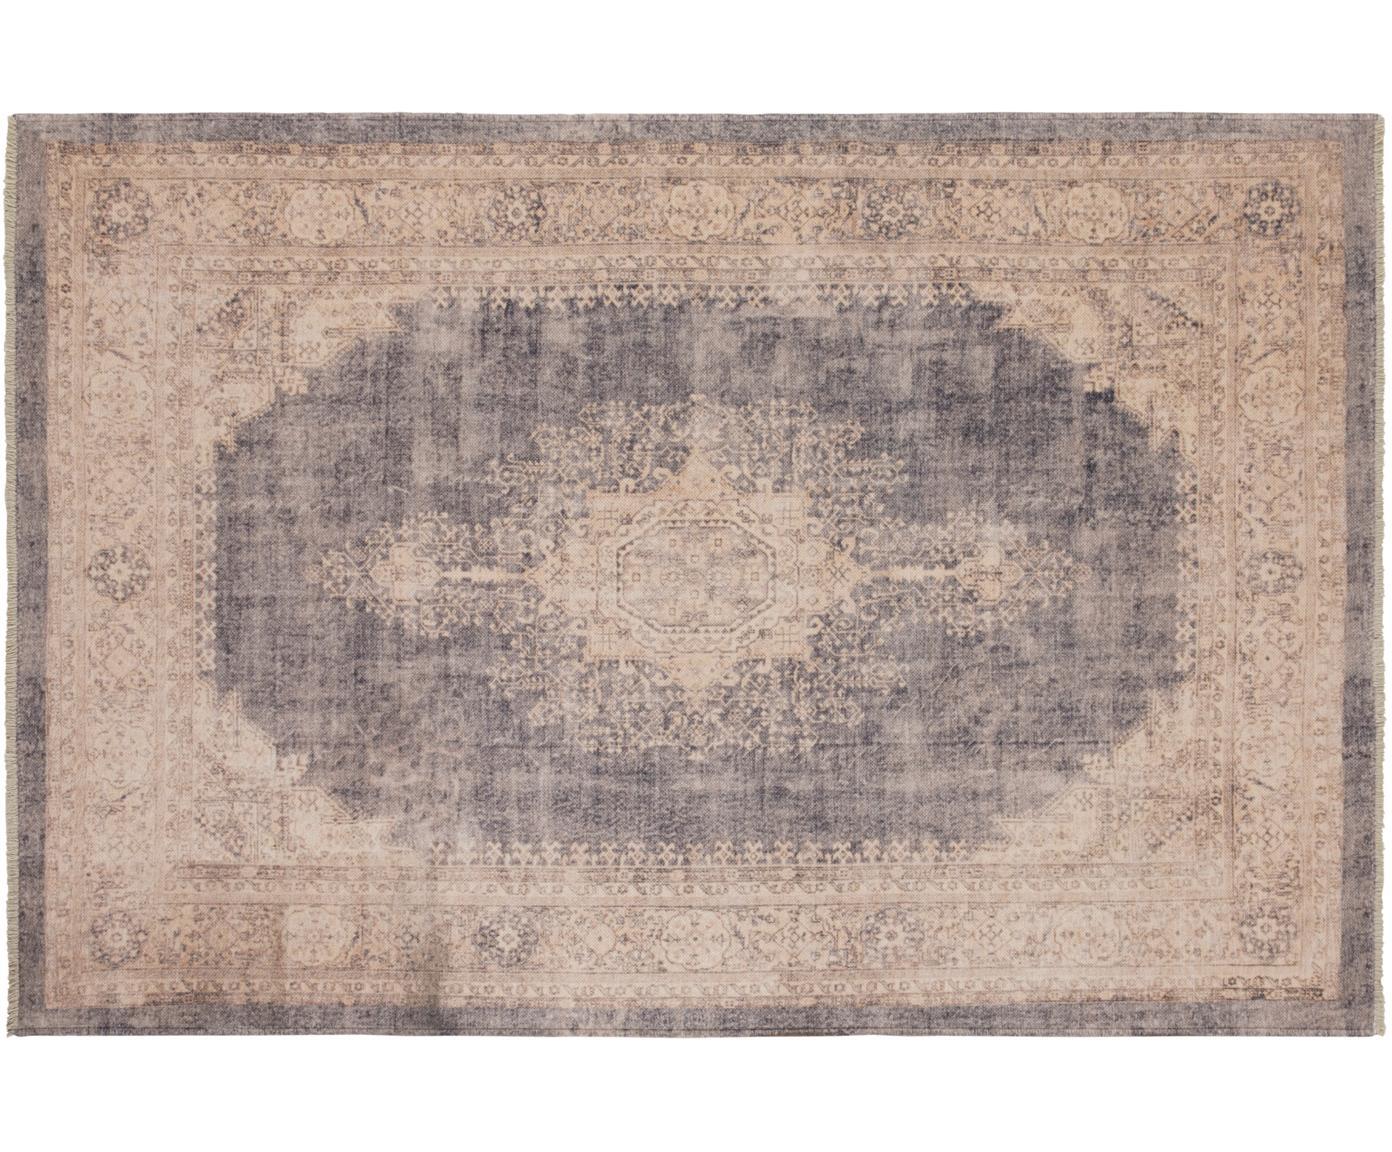 Teppich Maschad Chora im Vintage Style mit Fransen, 80% Baumwolle, 20% Polyester-Chenille, Beige, Taupe, B 120 x L 170 cm (Größe S)